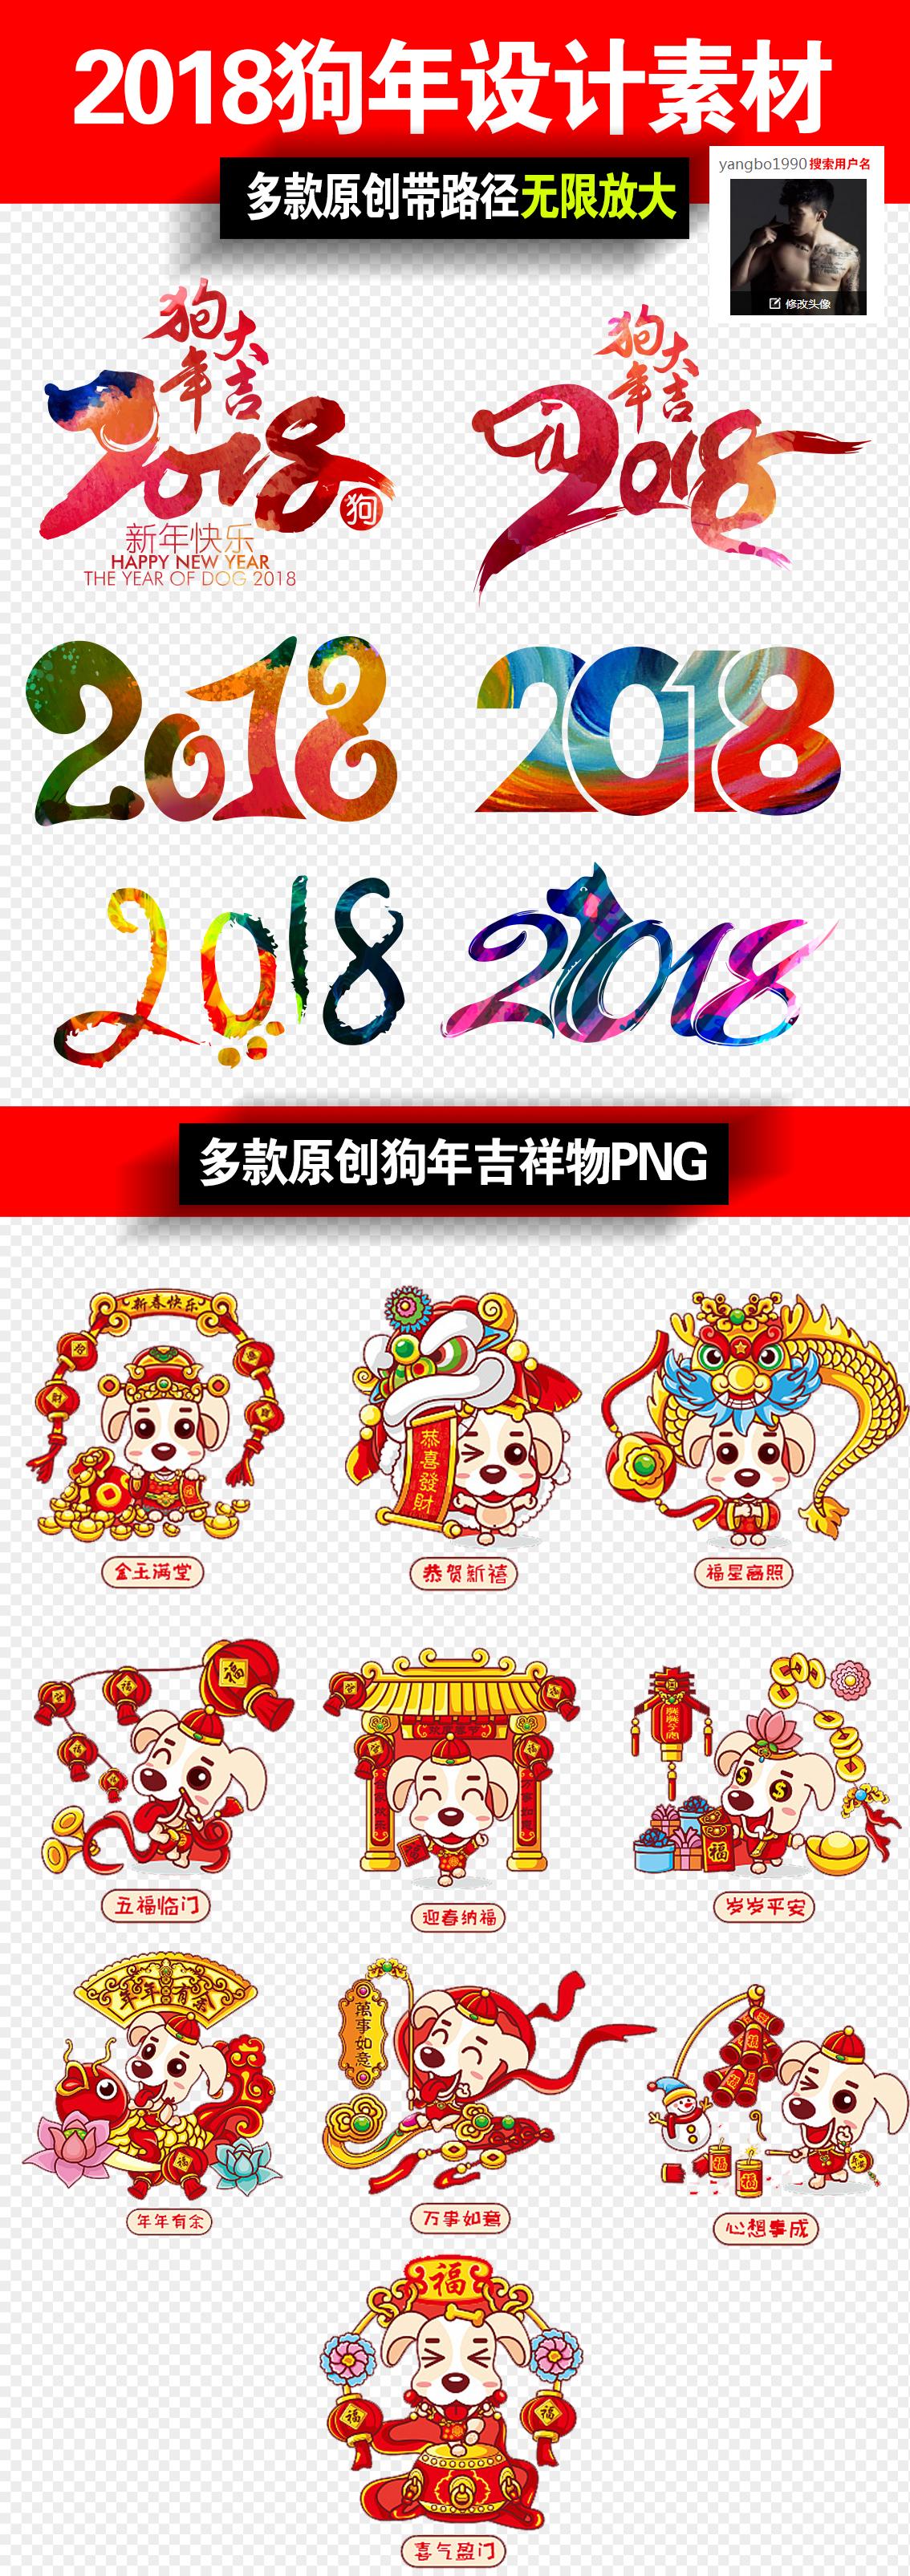 2018年狗年艺术字体设计素材ps路径文件海报日历台历